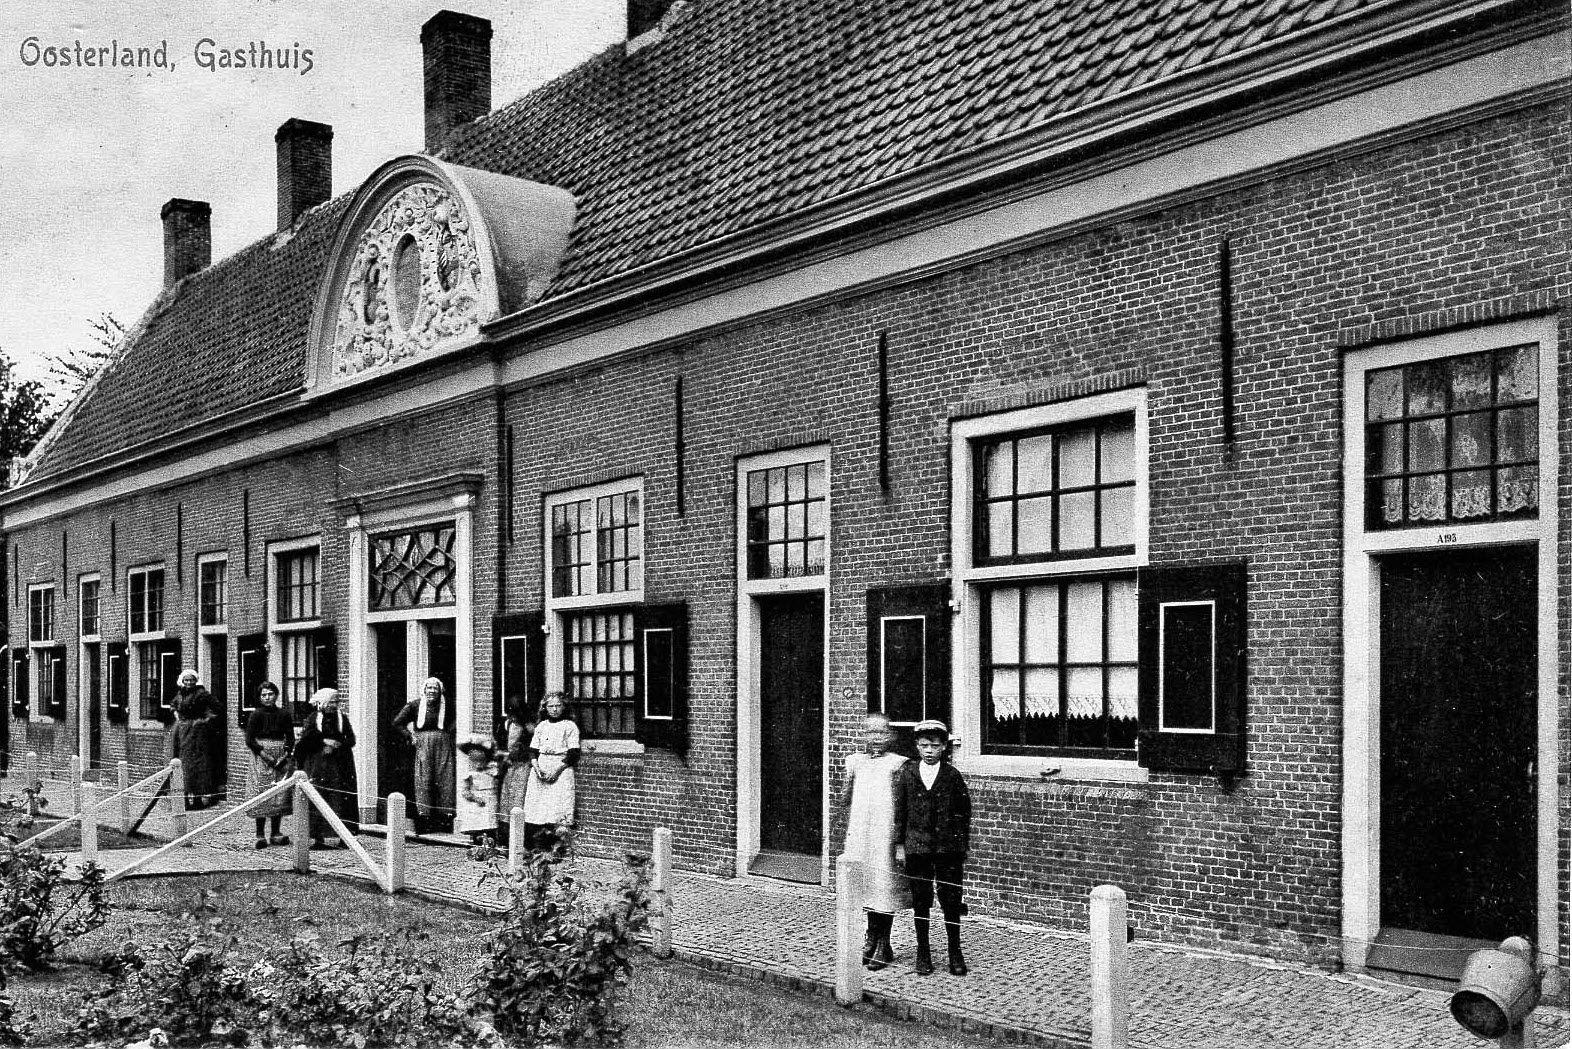 Gasthuis in Oosterland met bewoners, circa 1905. Prentbriefkaart. (Beeldbank Gemeentearchief Schouwen-Duiveland)